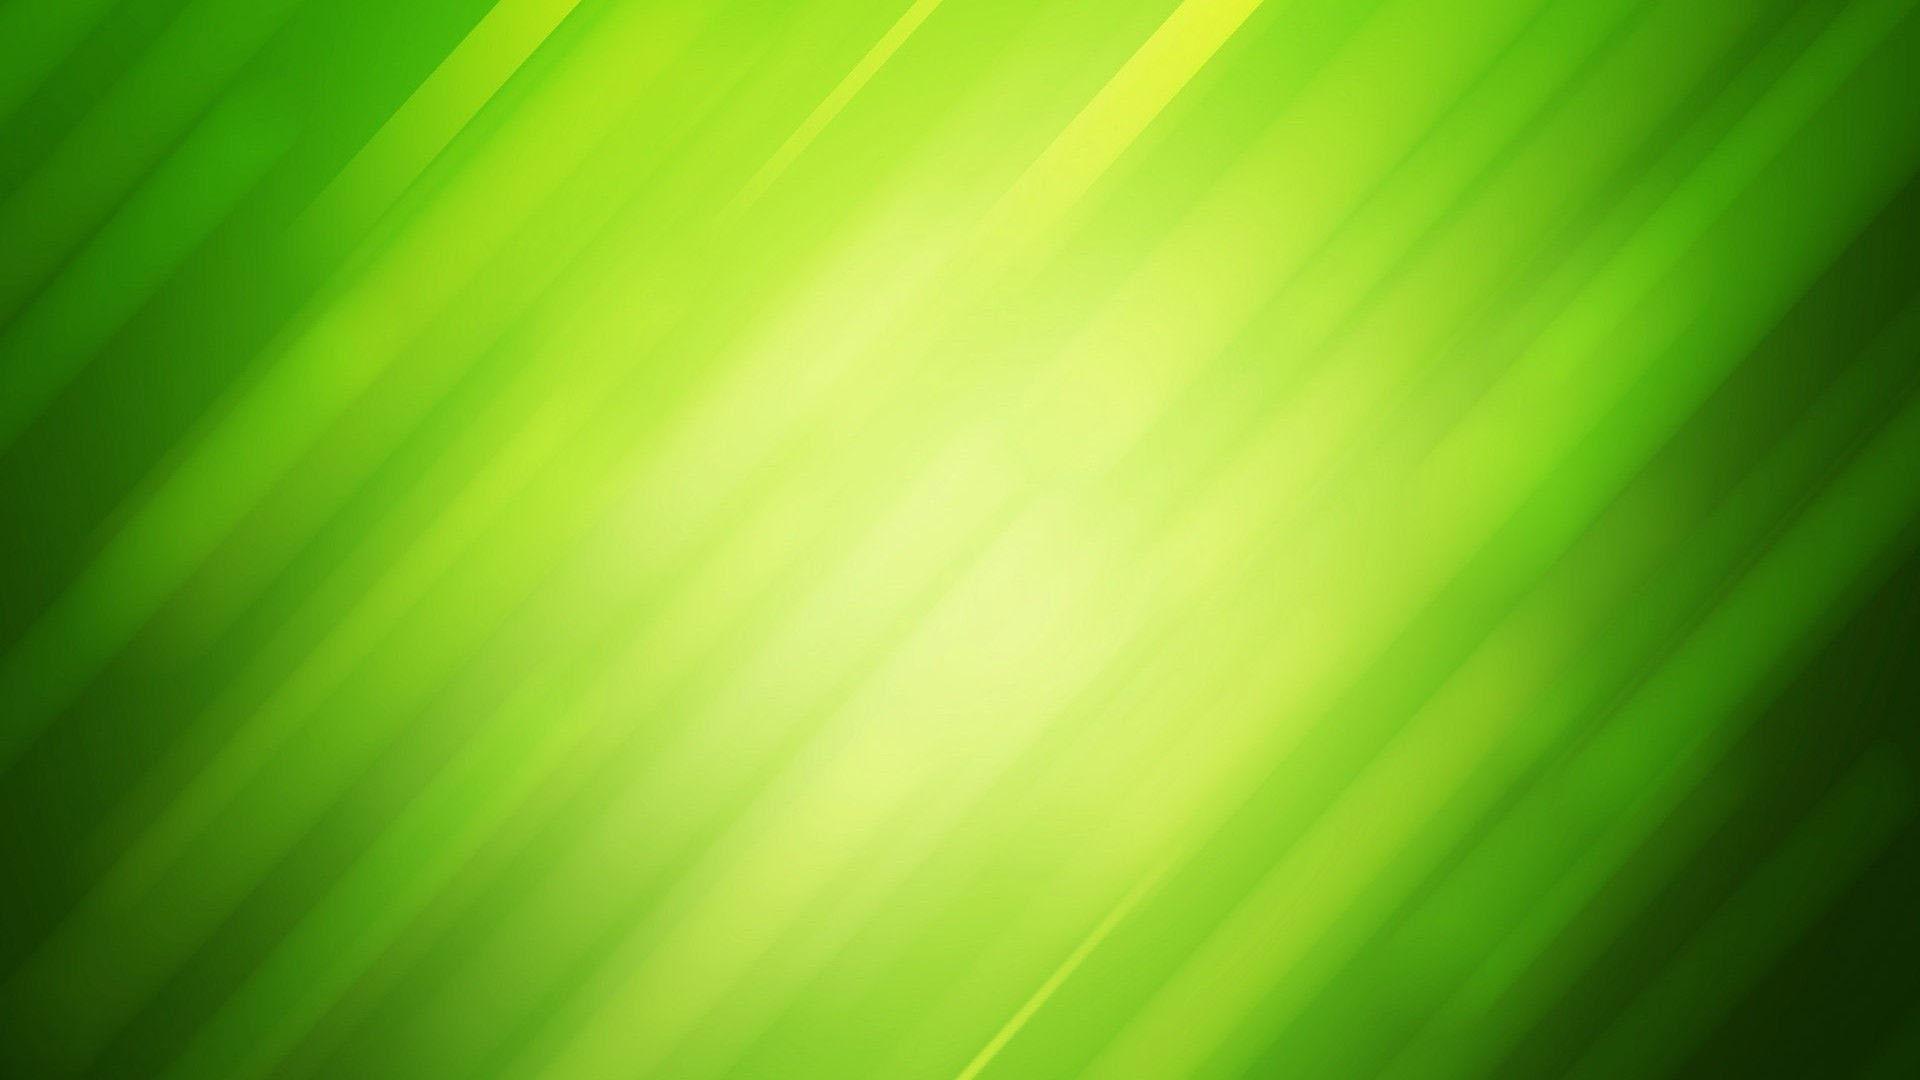 Hình nền power point màu xanh lá full hd